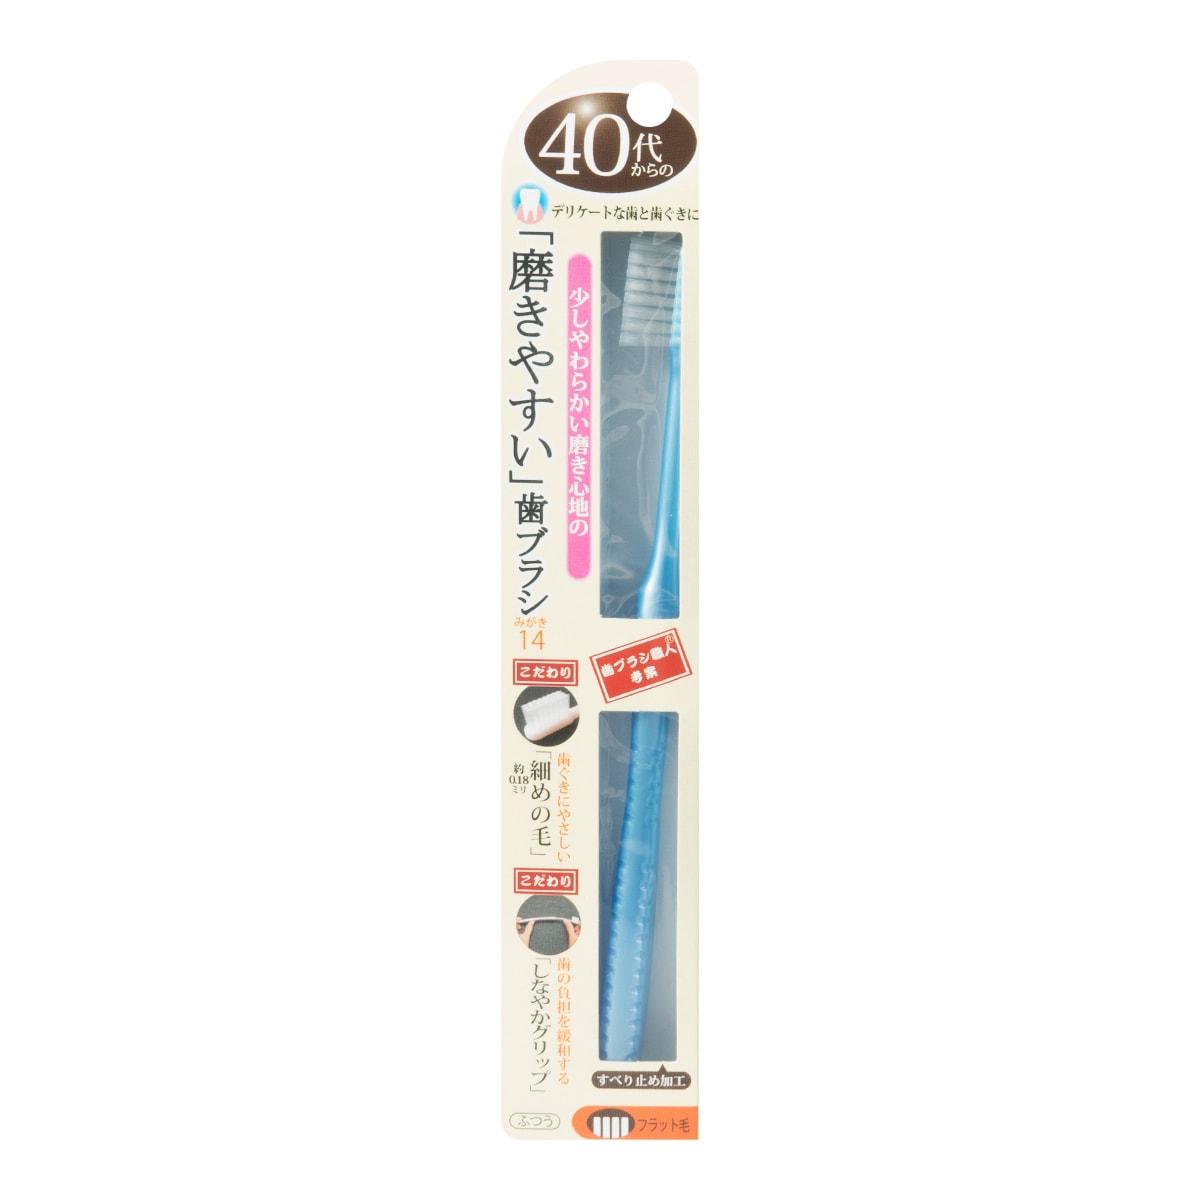 日本LIFELLENGE 平型软毛牙刷 多种颜色随机发送